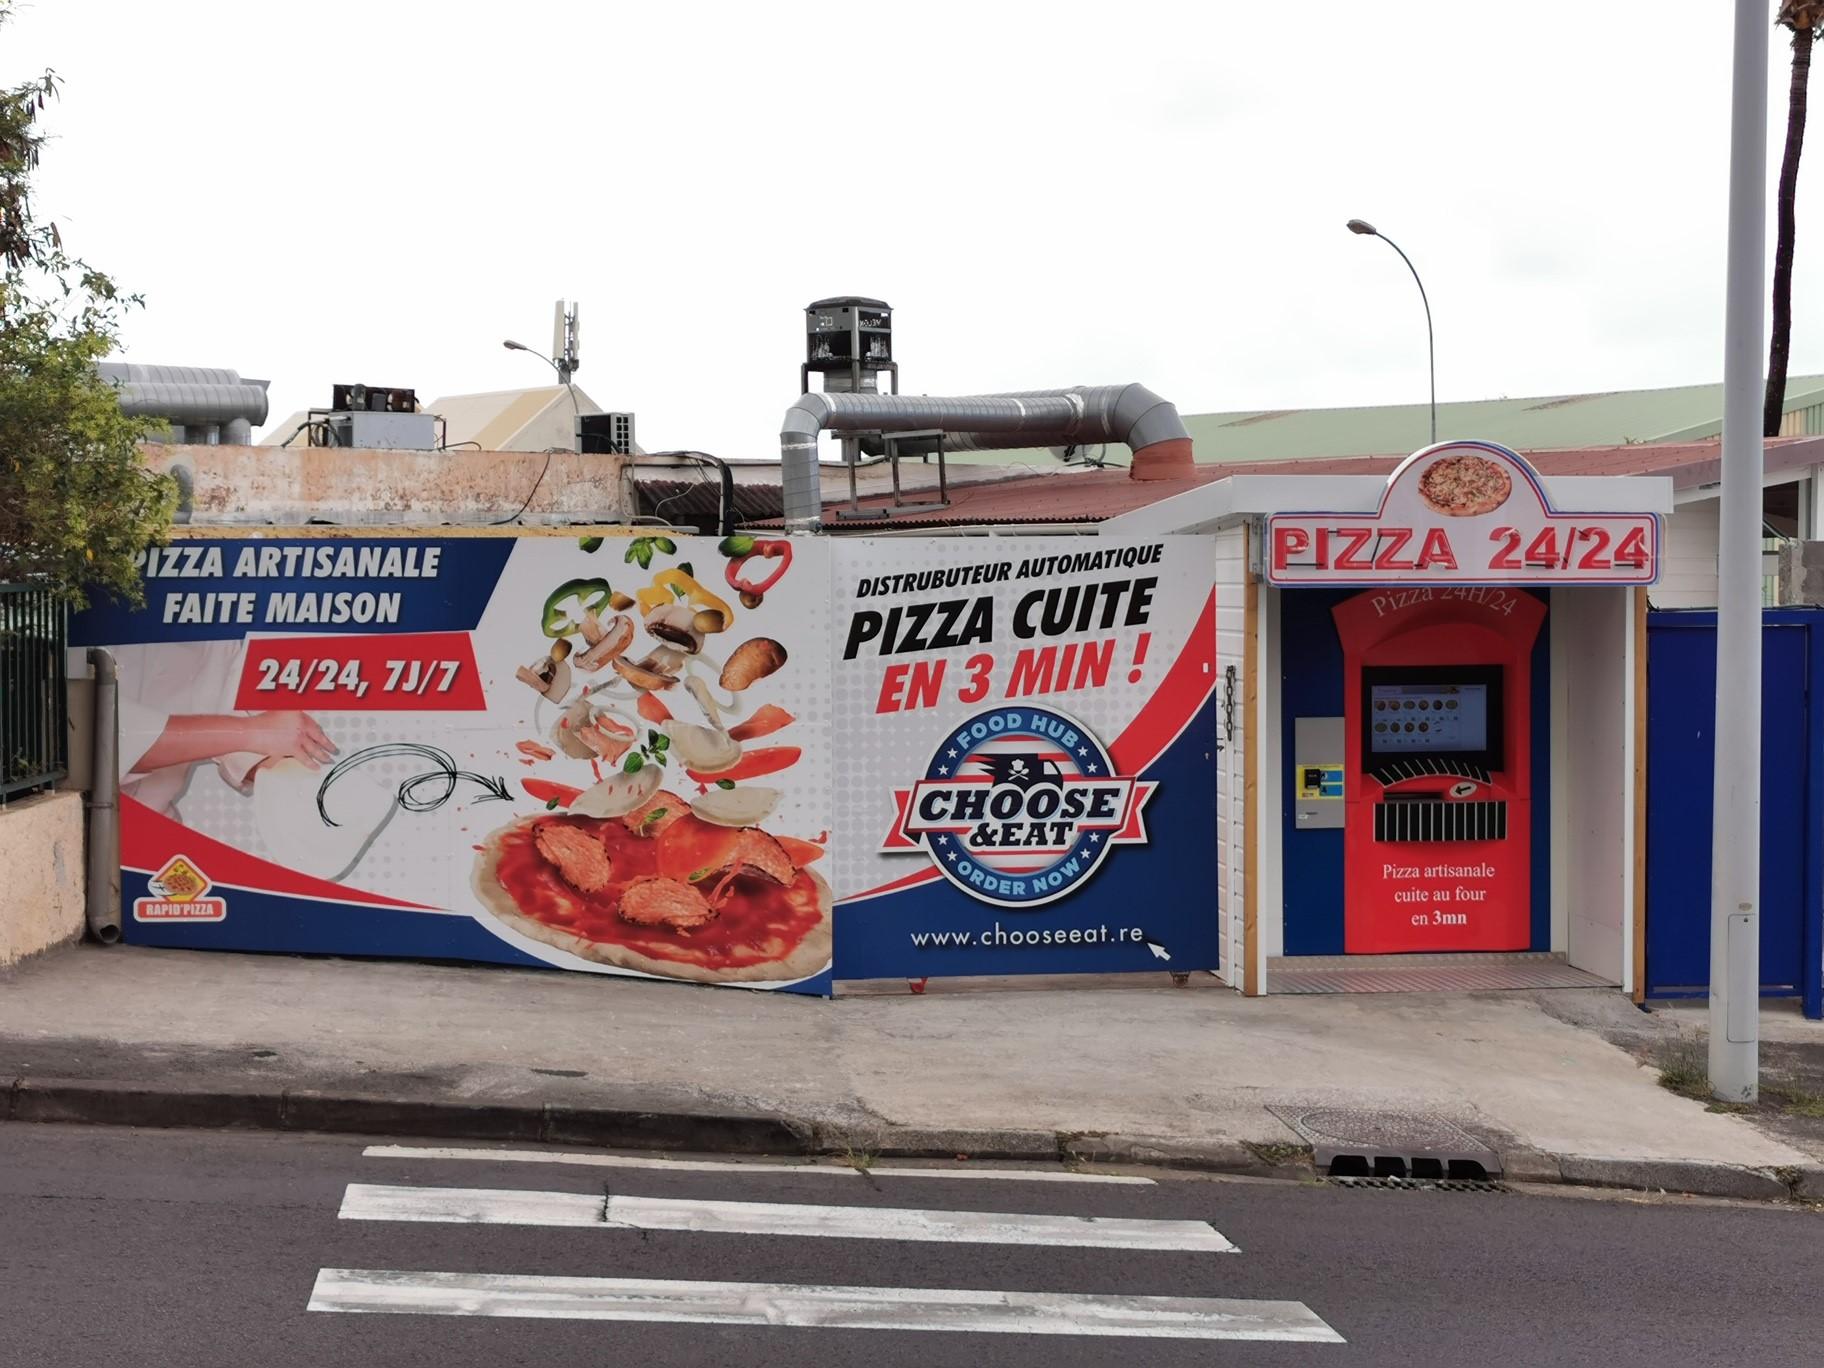 Rapid pizza saint clhotilde ouvre un distributeur de pizzas 24h/24 !